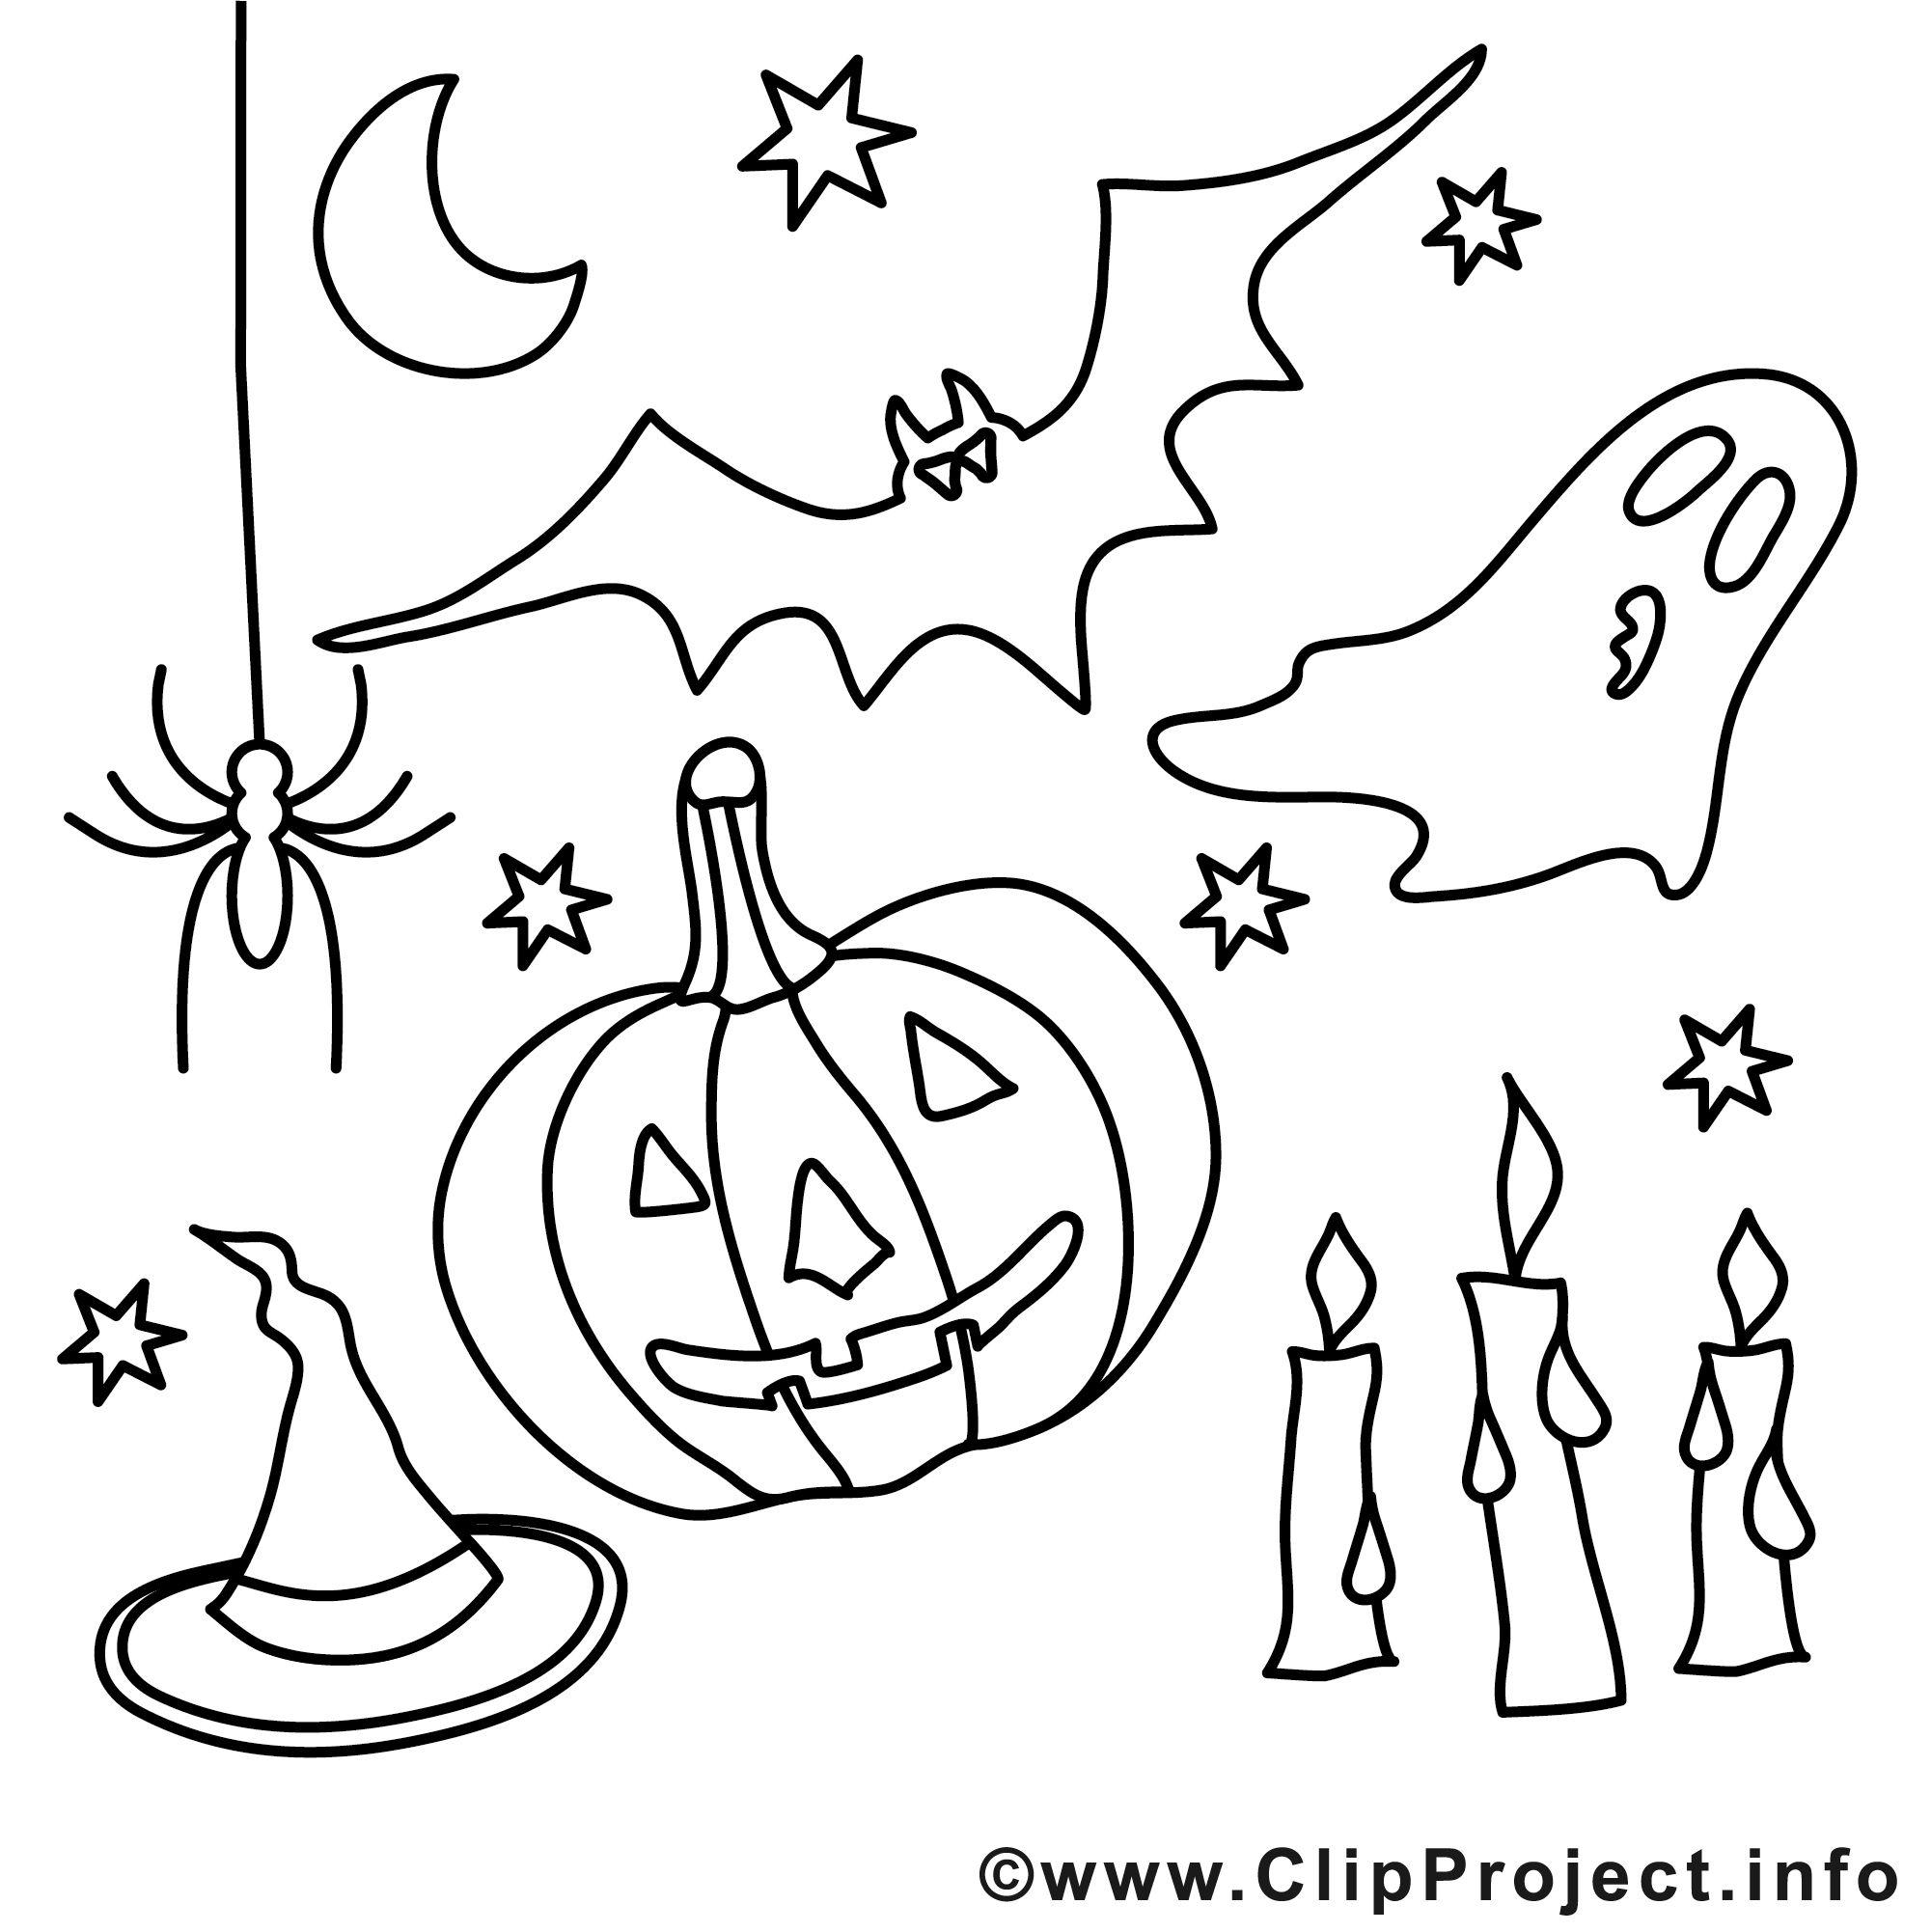 Ausmalbilder Gratis | Ausmalbilder, Ausmalbilder Gratis mit Malvorlagen Halloween